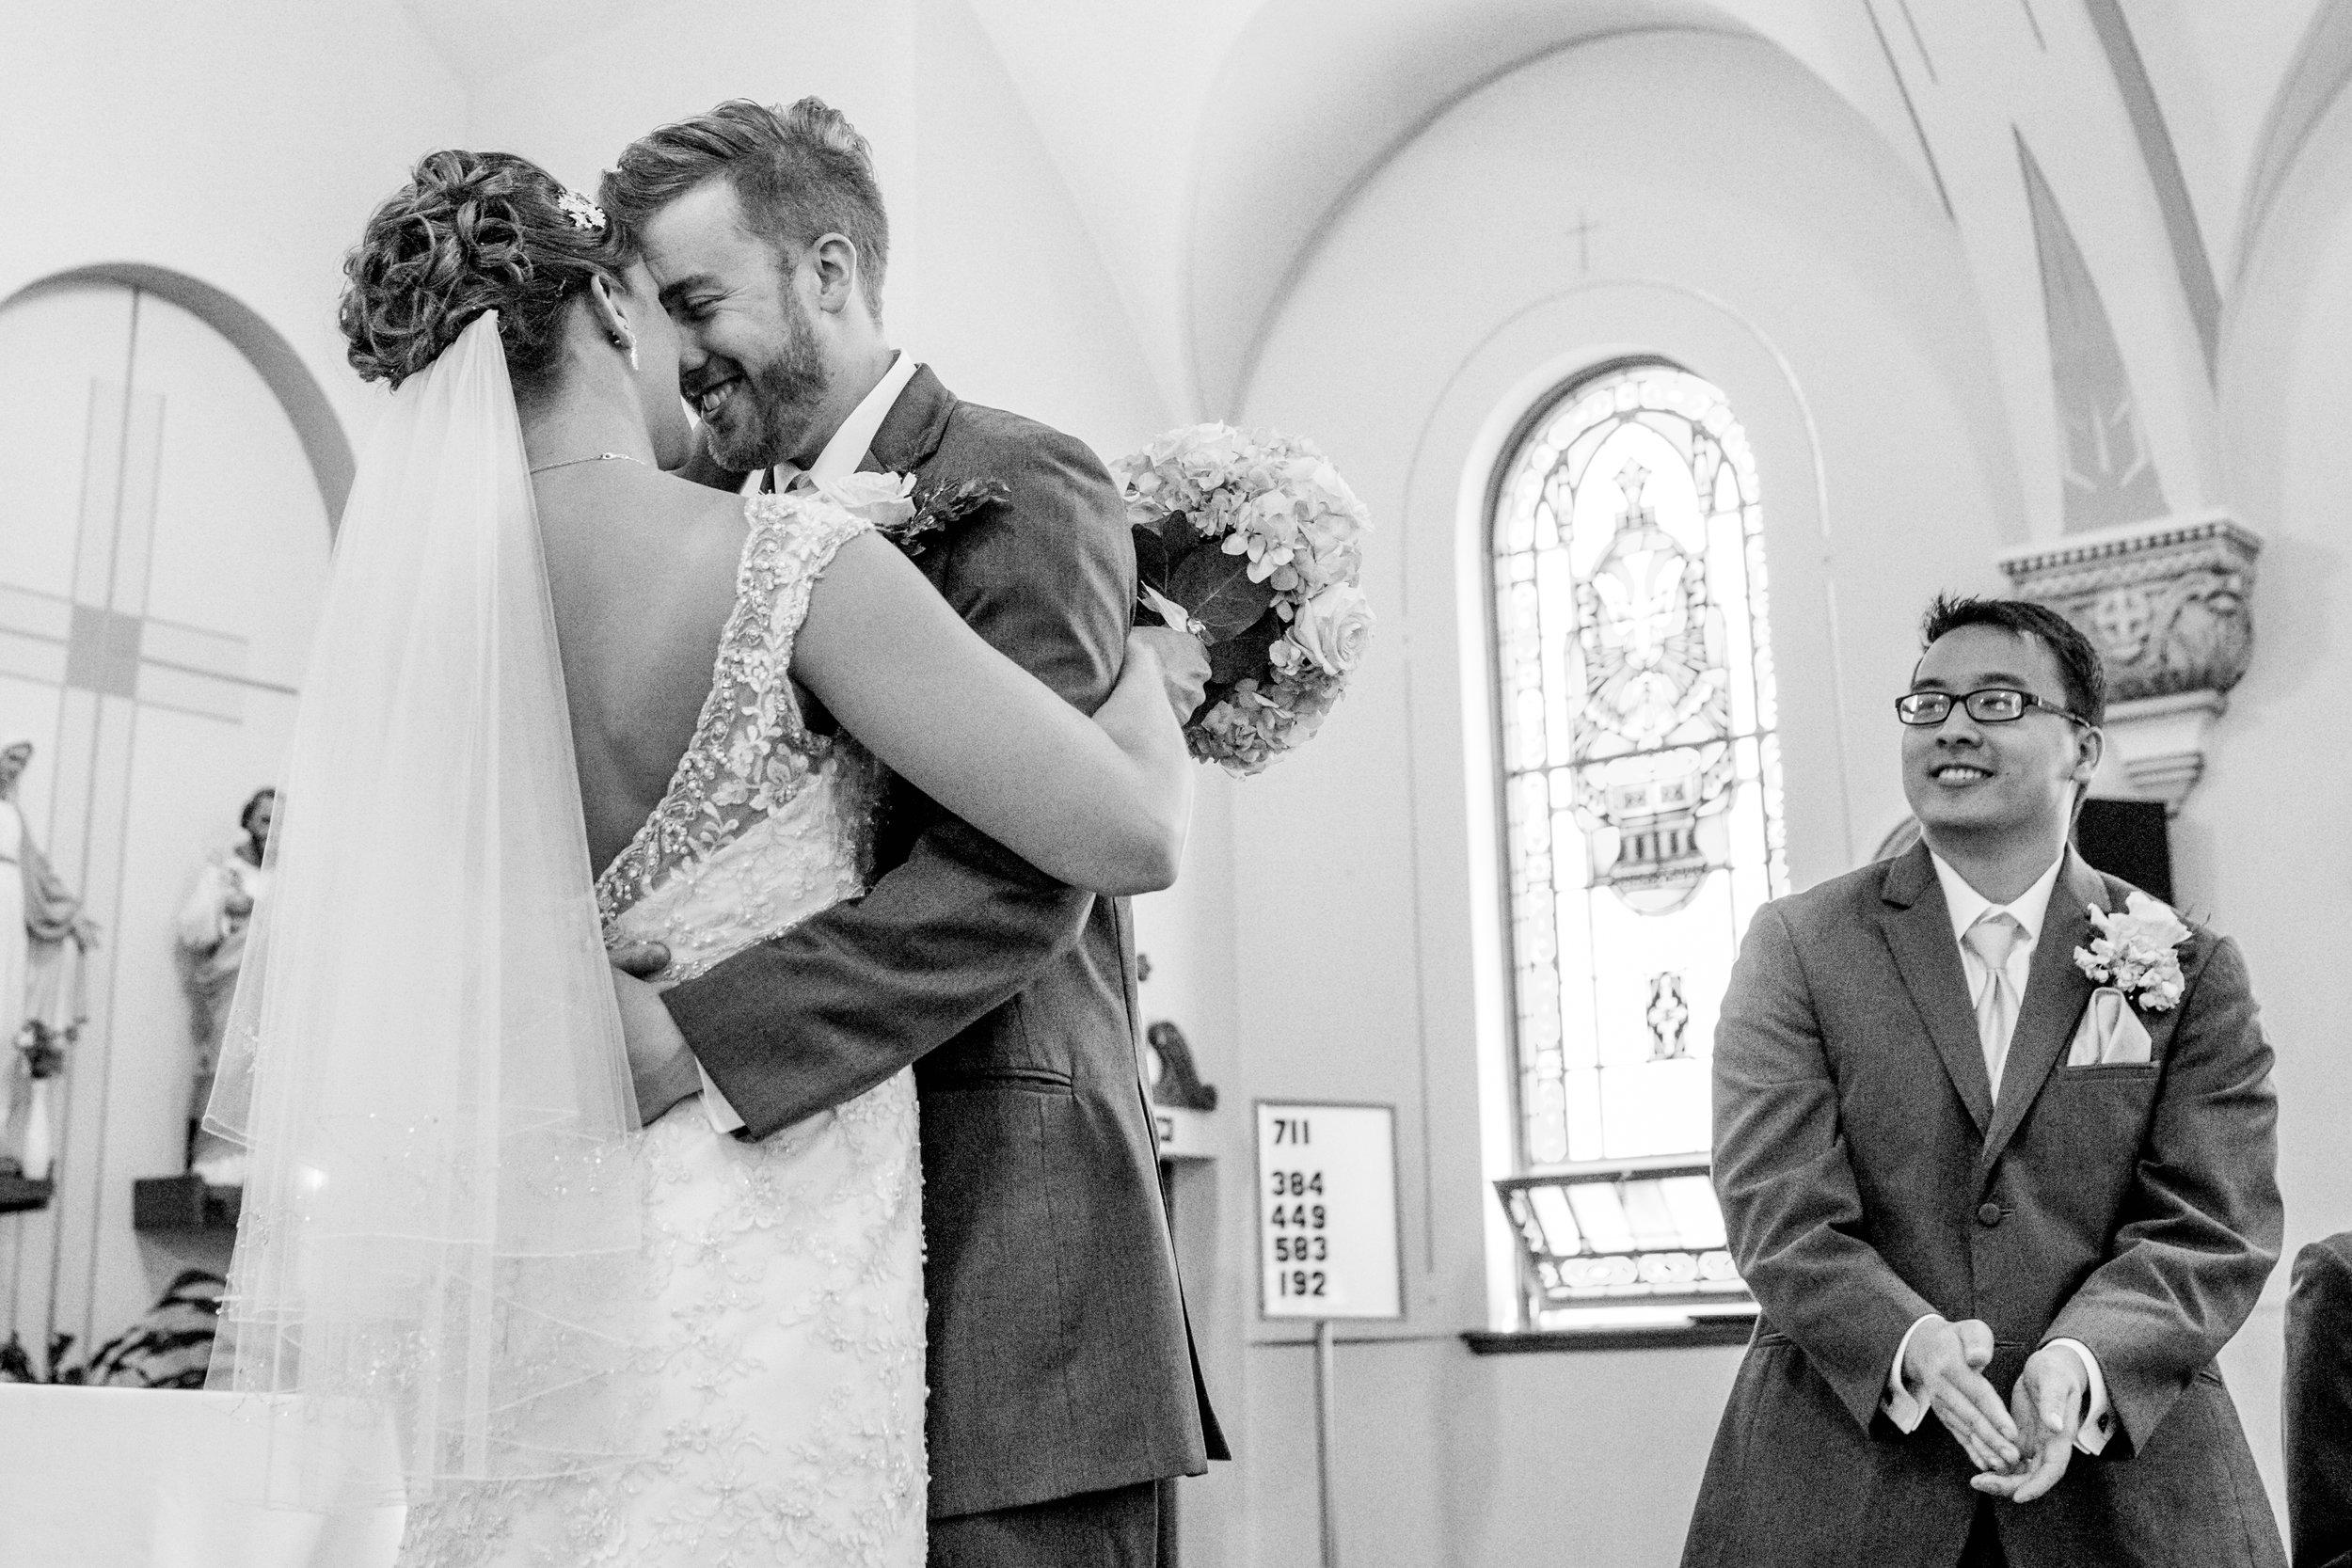 First Kiss - Wedding & Elopement Photographer - International Photographer